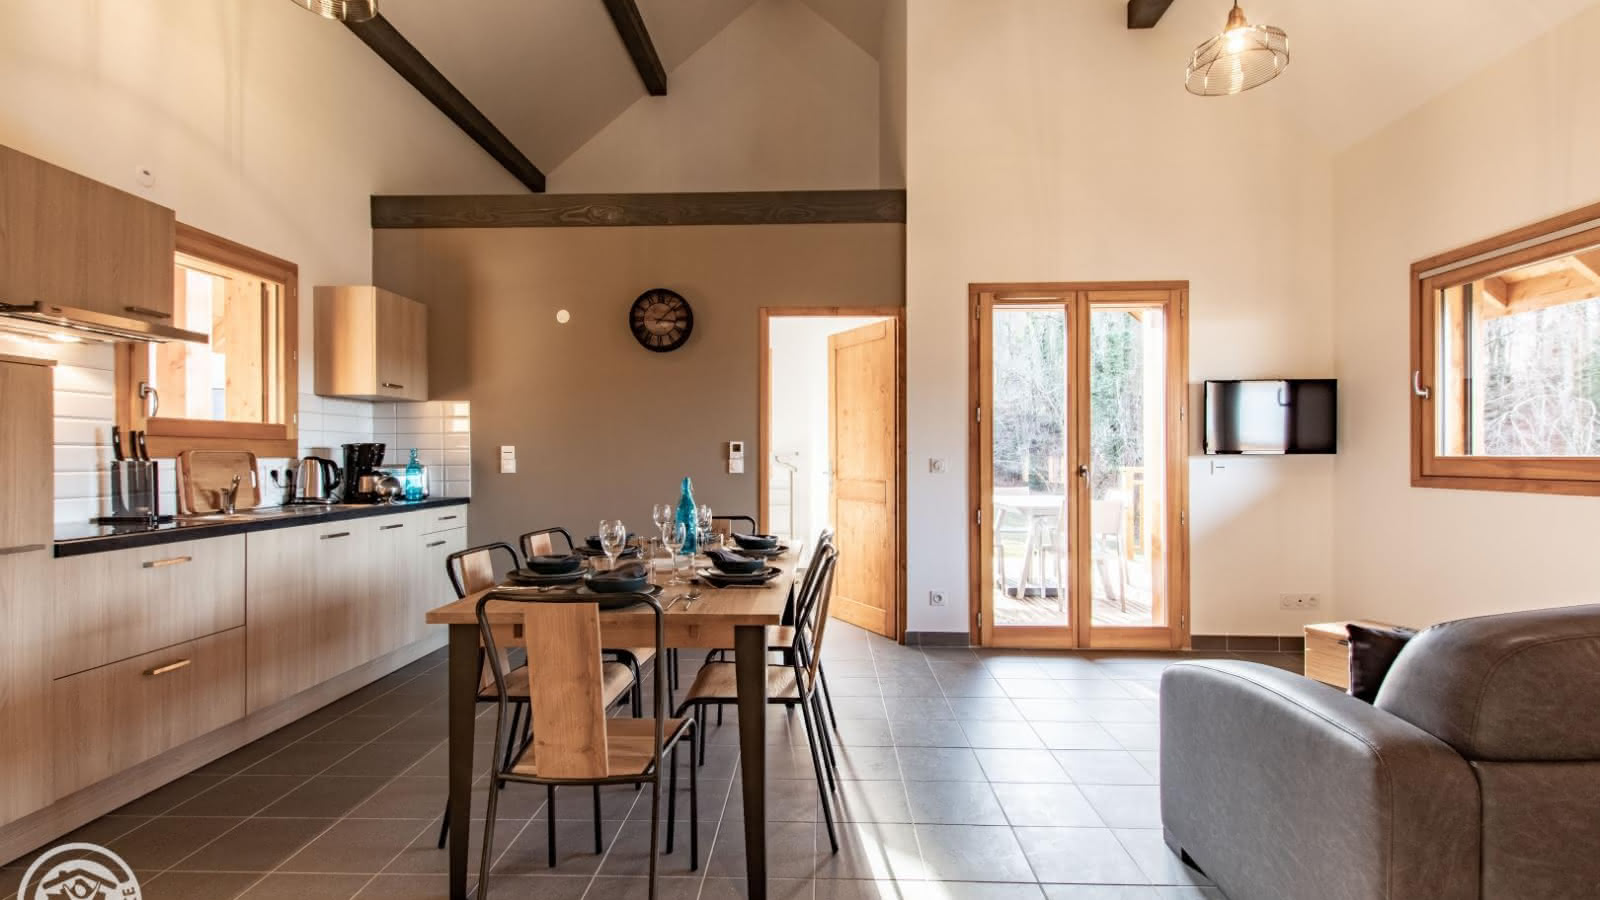 Cuisine ouverte, séjour, coin salon et accès chambre 1 et terrasse privative